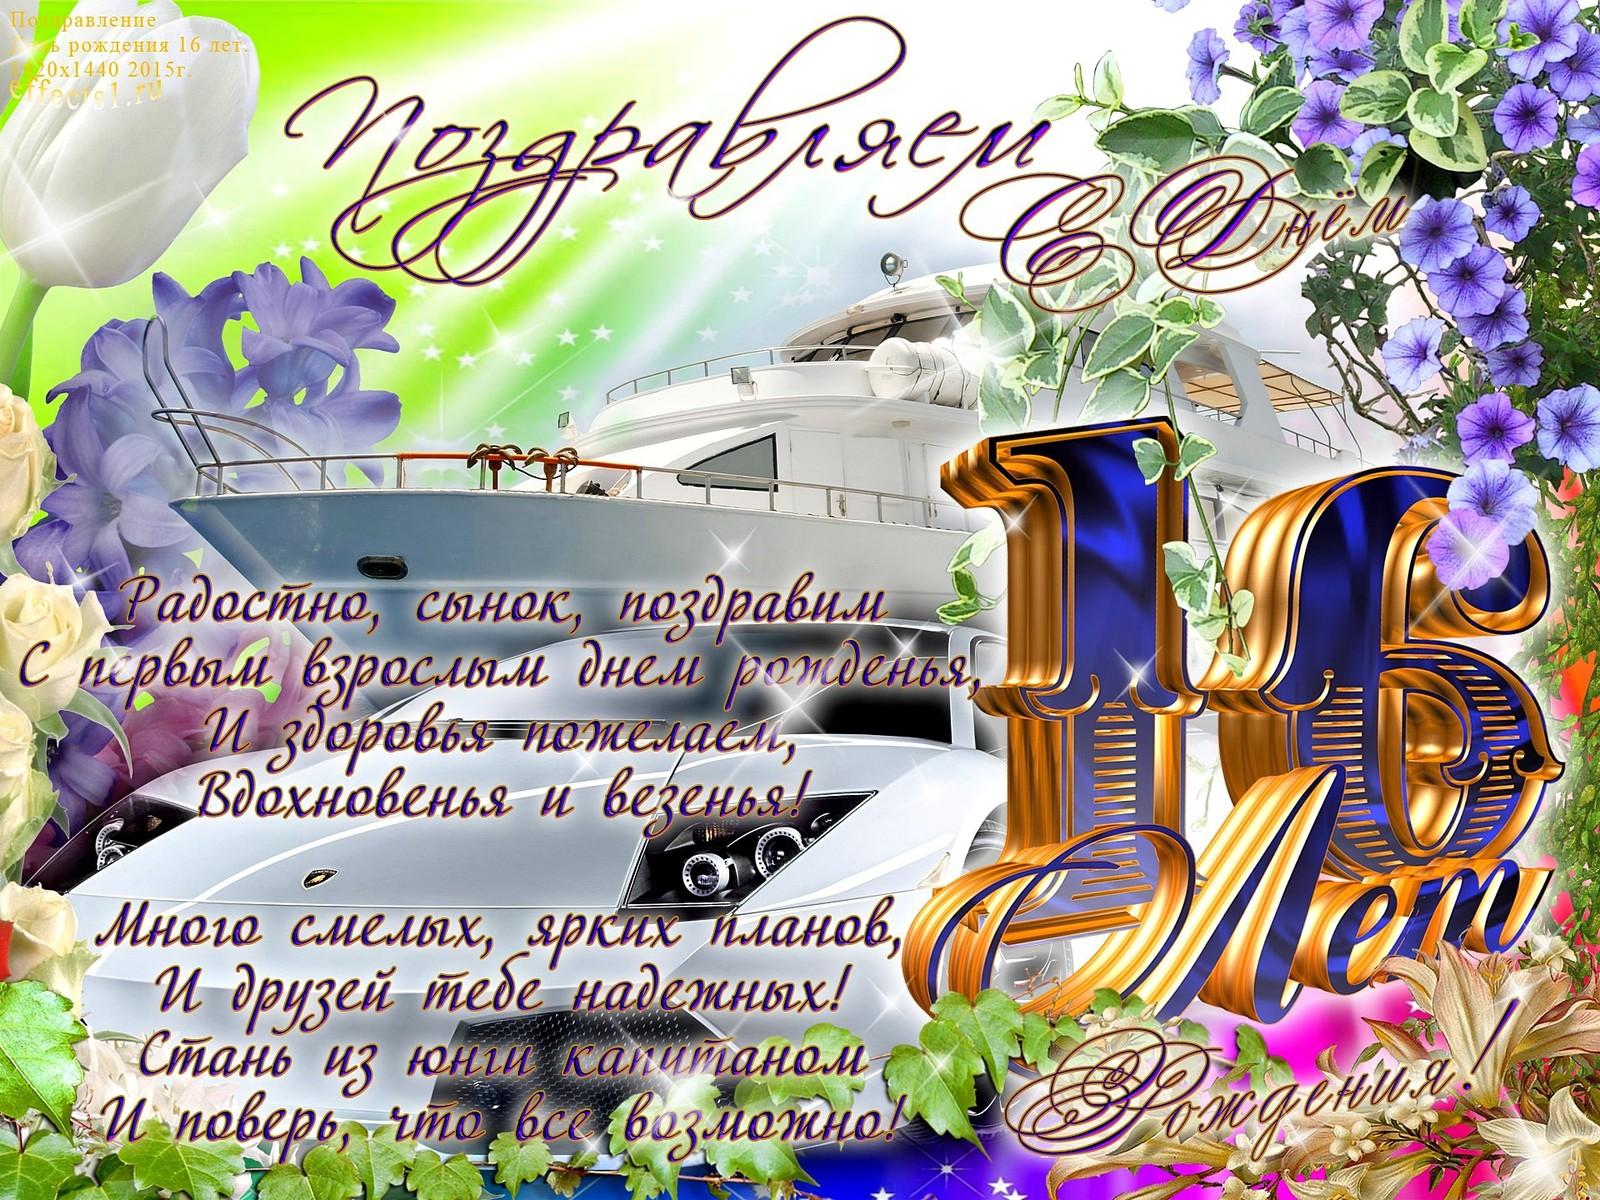 Pozdravlenie s dnem roghdeniya vnuka s 16 letiem ot babushki_3